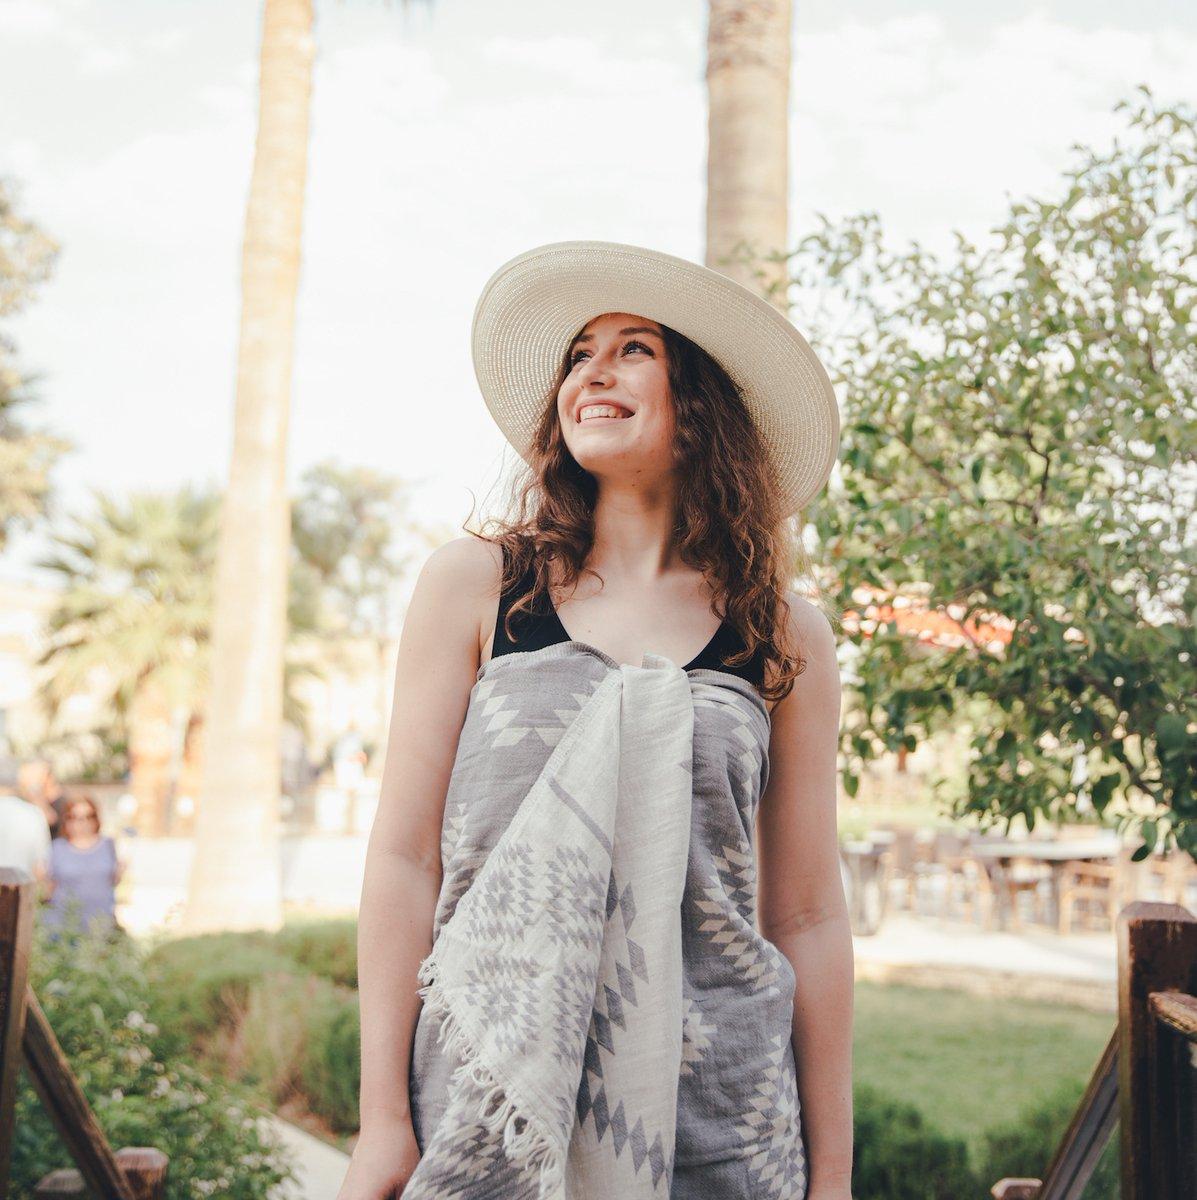 Use it everywhere everyseason ! #summertime #mebien #lightweight #throw #stole #scarf #wrap  #allseason  #multipurpose #giftforwomen #lighttowel #blanket #lightblanket #turkishtowel #beachtowel #amazongift #giftidea #beach2020 #beachtime https://www.amazon.com/s?k=gifts+for+women&me=A3221V797JC5LR&ref=nb_sb_noss…pic.twitter.com/V2vPm2a8WG